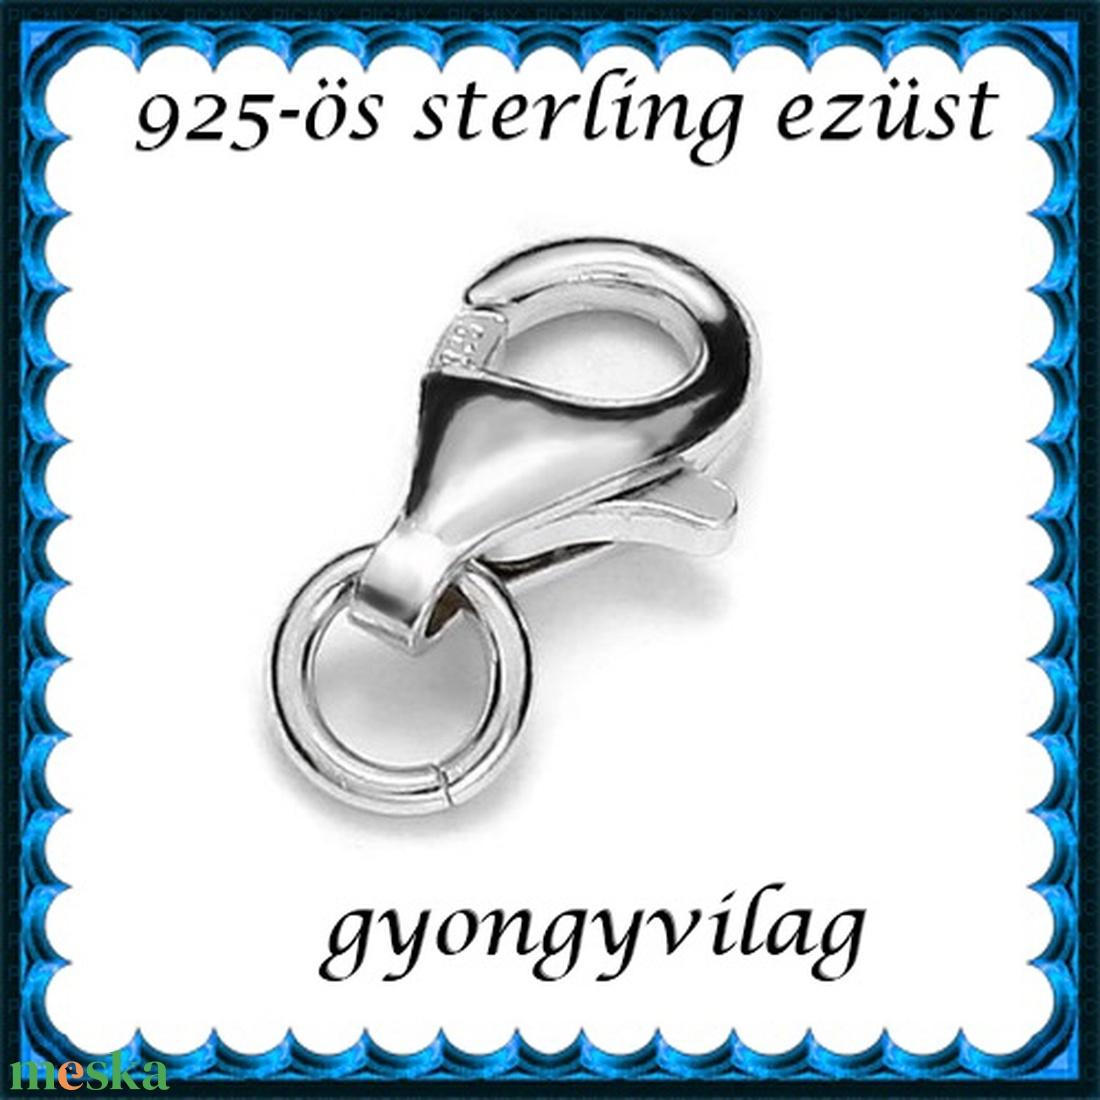 925-ös sterling ezüst ékszerkellék: lánckalocs  ELK 1S 19-11 - gyöngy, ékszerkellék - egyéb alkatrész - Meska.hu